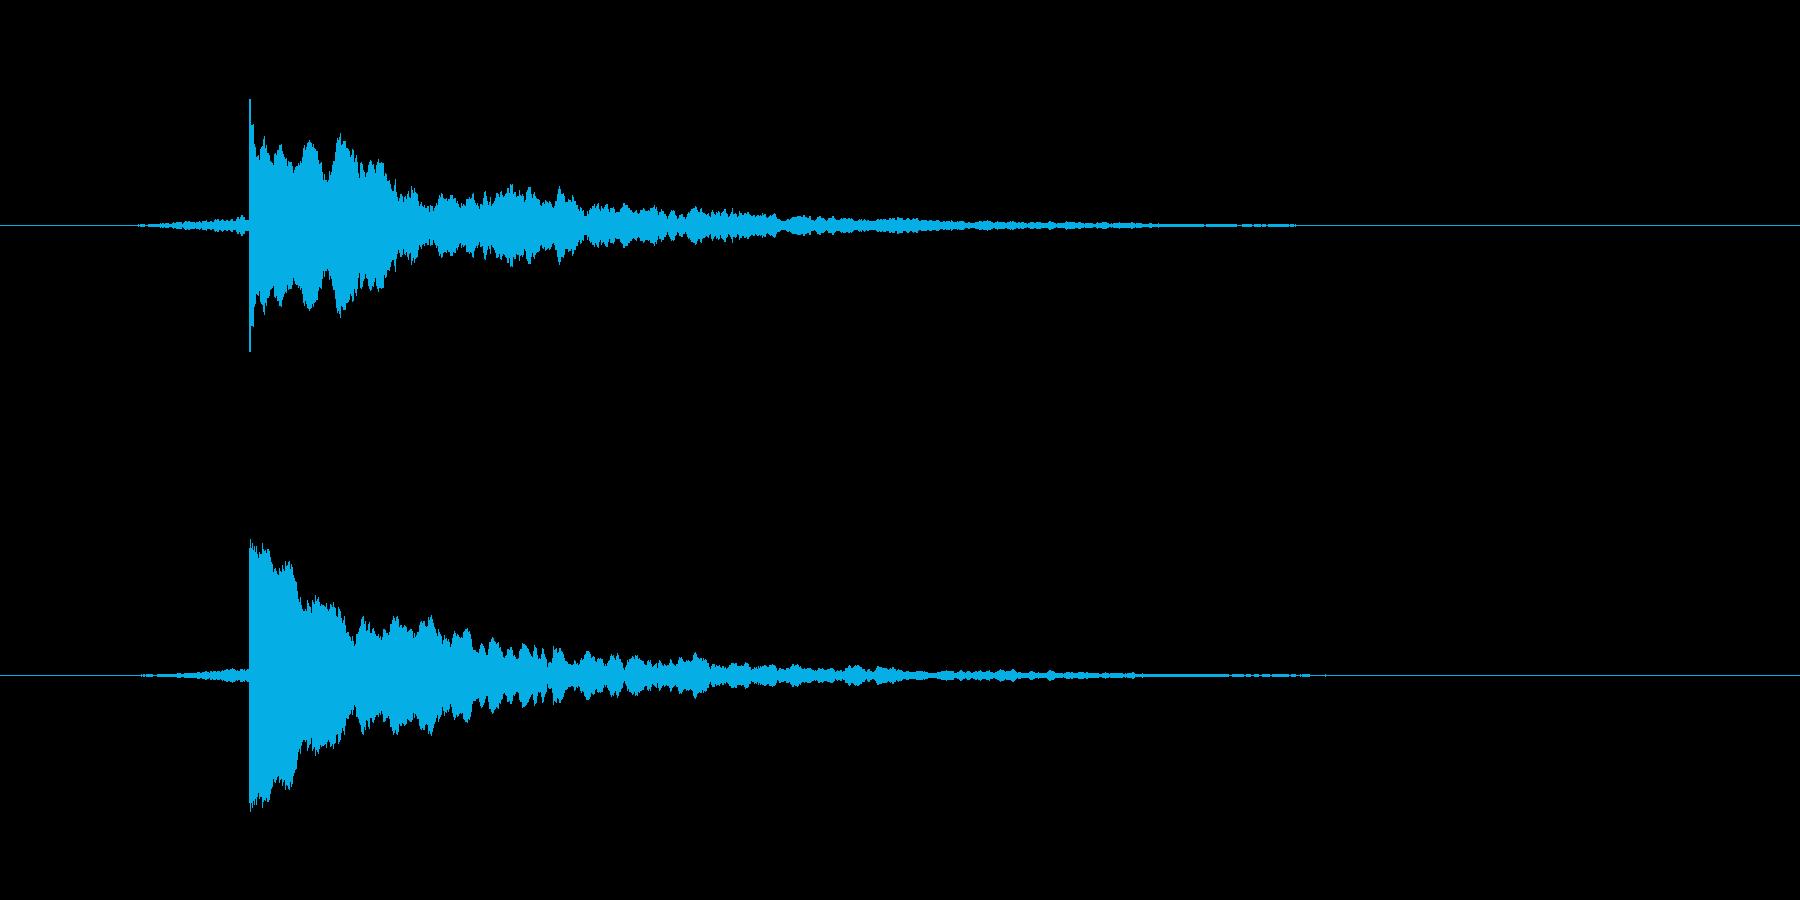 テロップSE チーン 使い易いシリーズの再生済みの波形